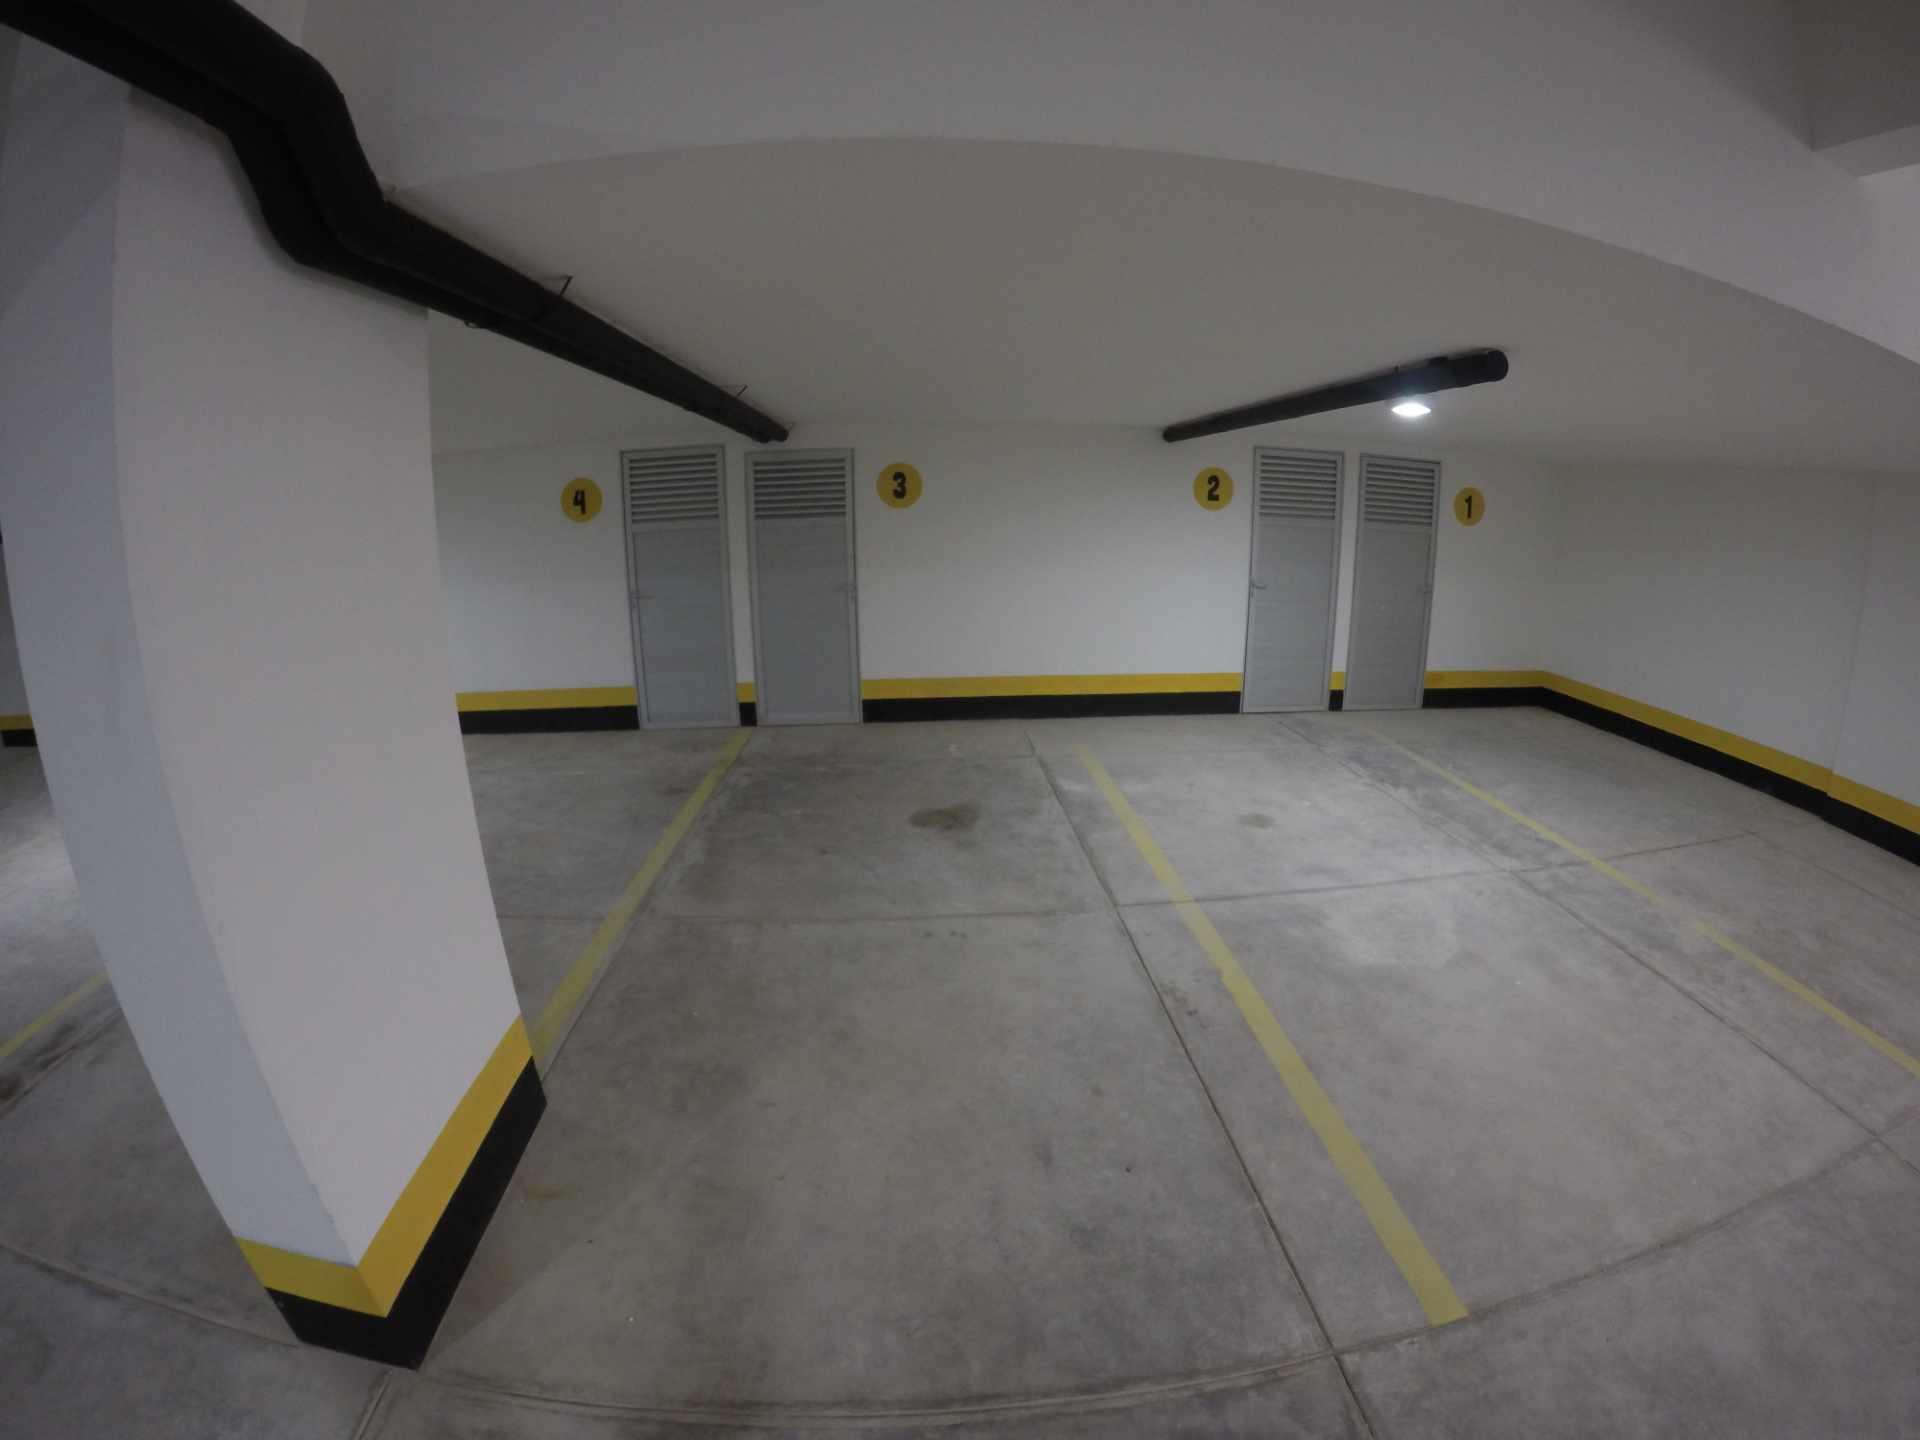 Departamento en Alquiler Condominio Onix [Equipetrol Norte], Departamento monoambiente full amoblado de lujo en alquiler, con parqueo techado. [600$us., expensas incluidas] Foto 6